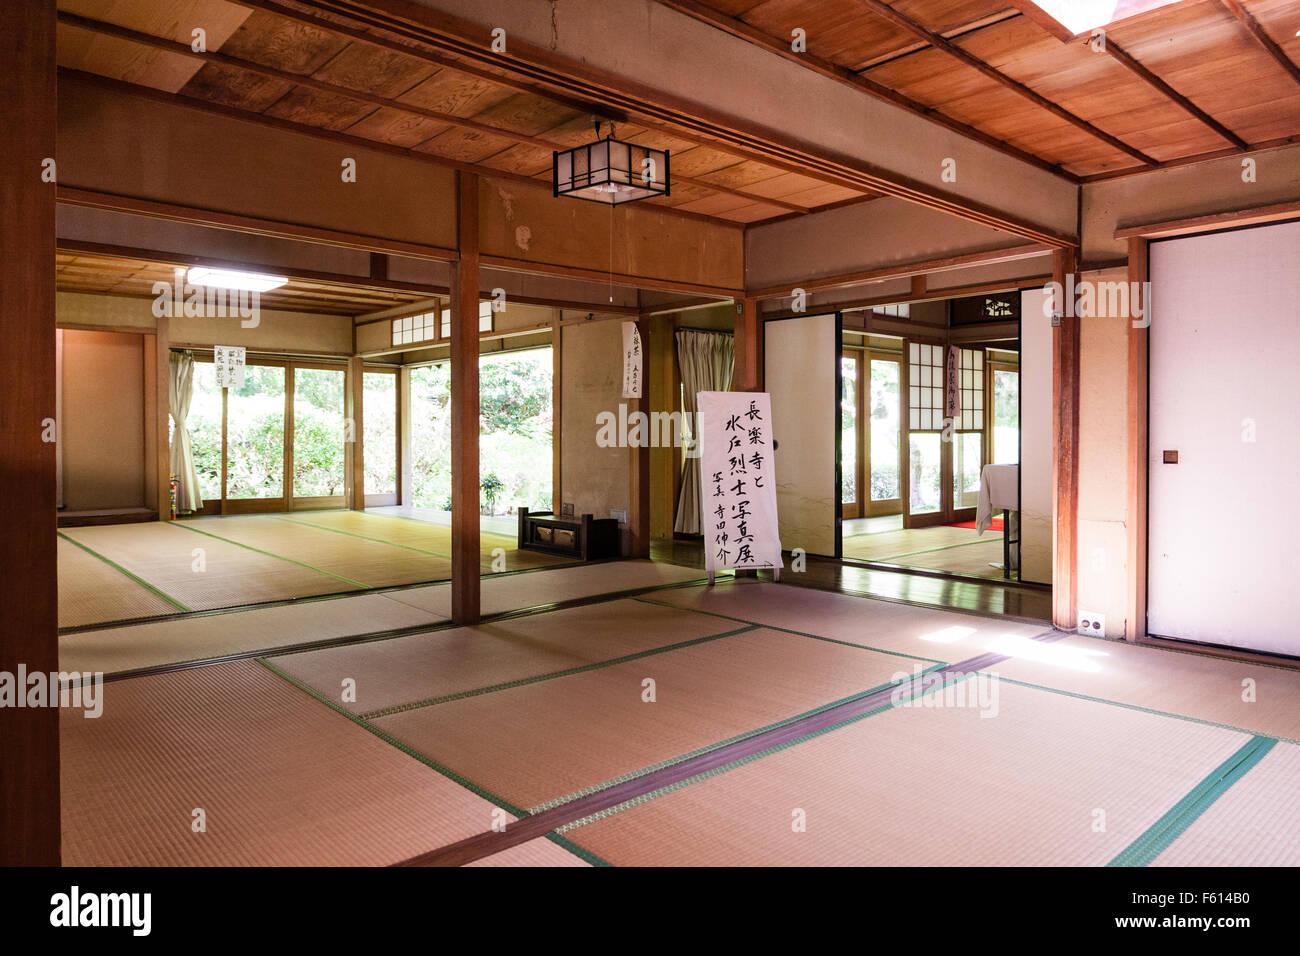 Minimalist Japanese Study Room